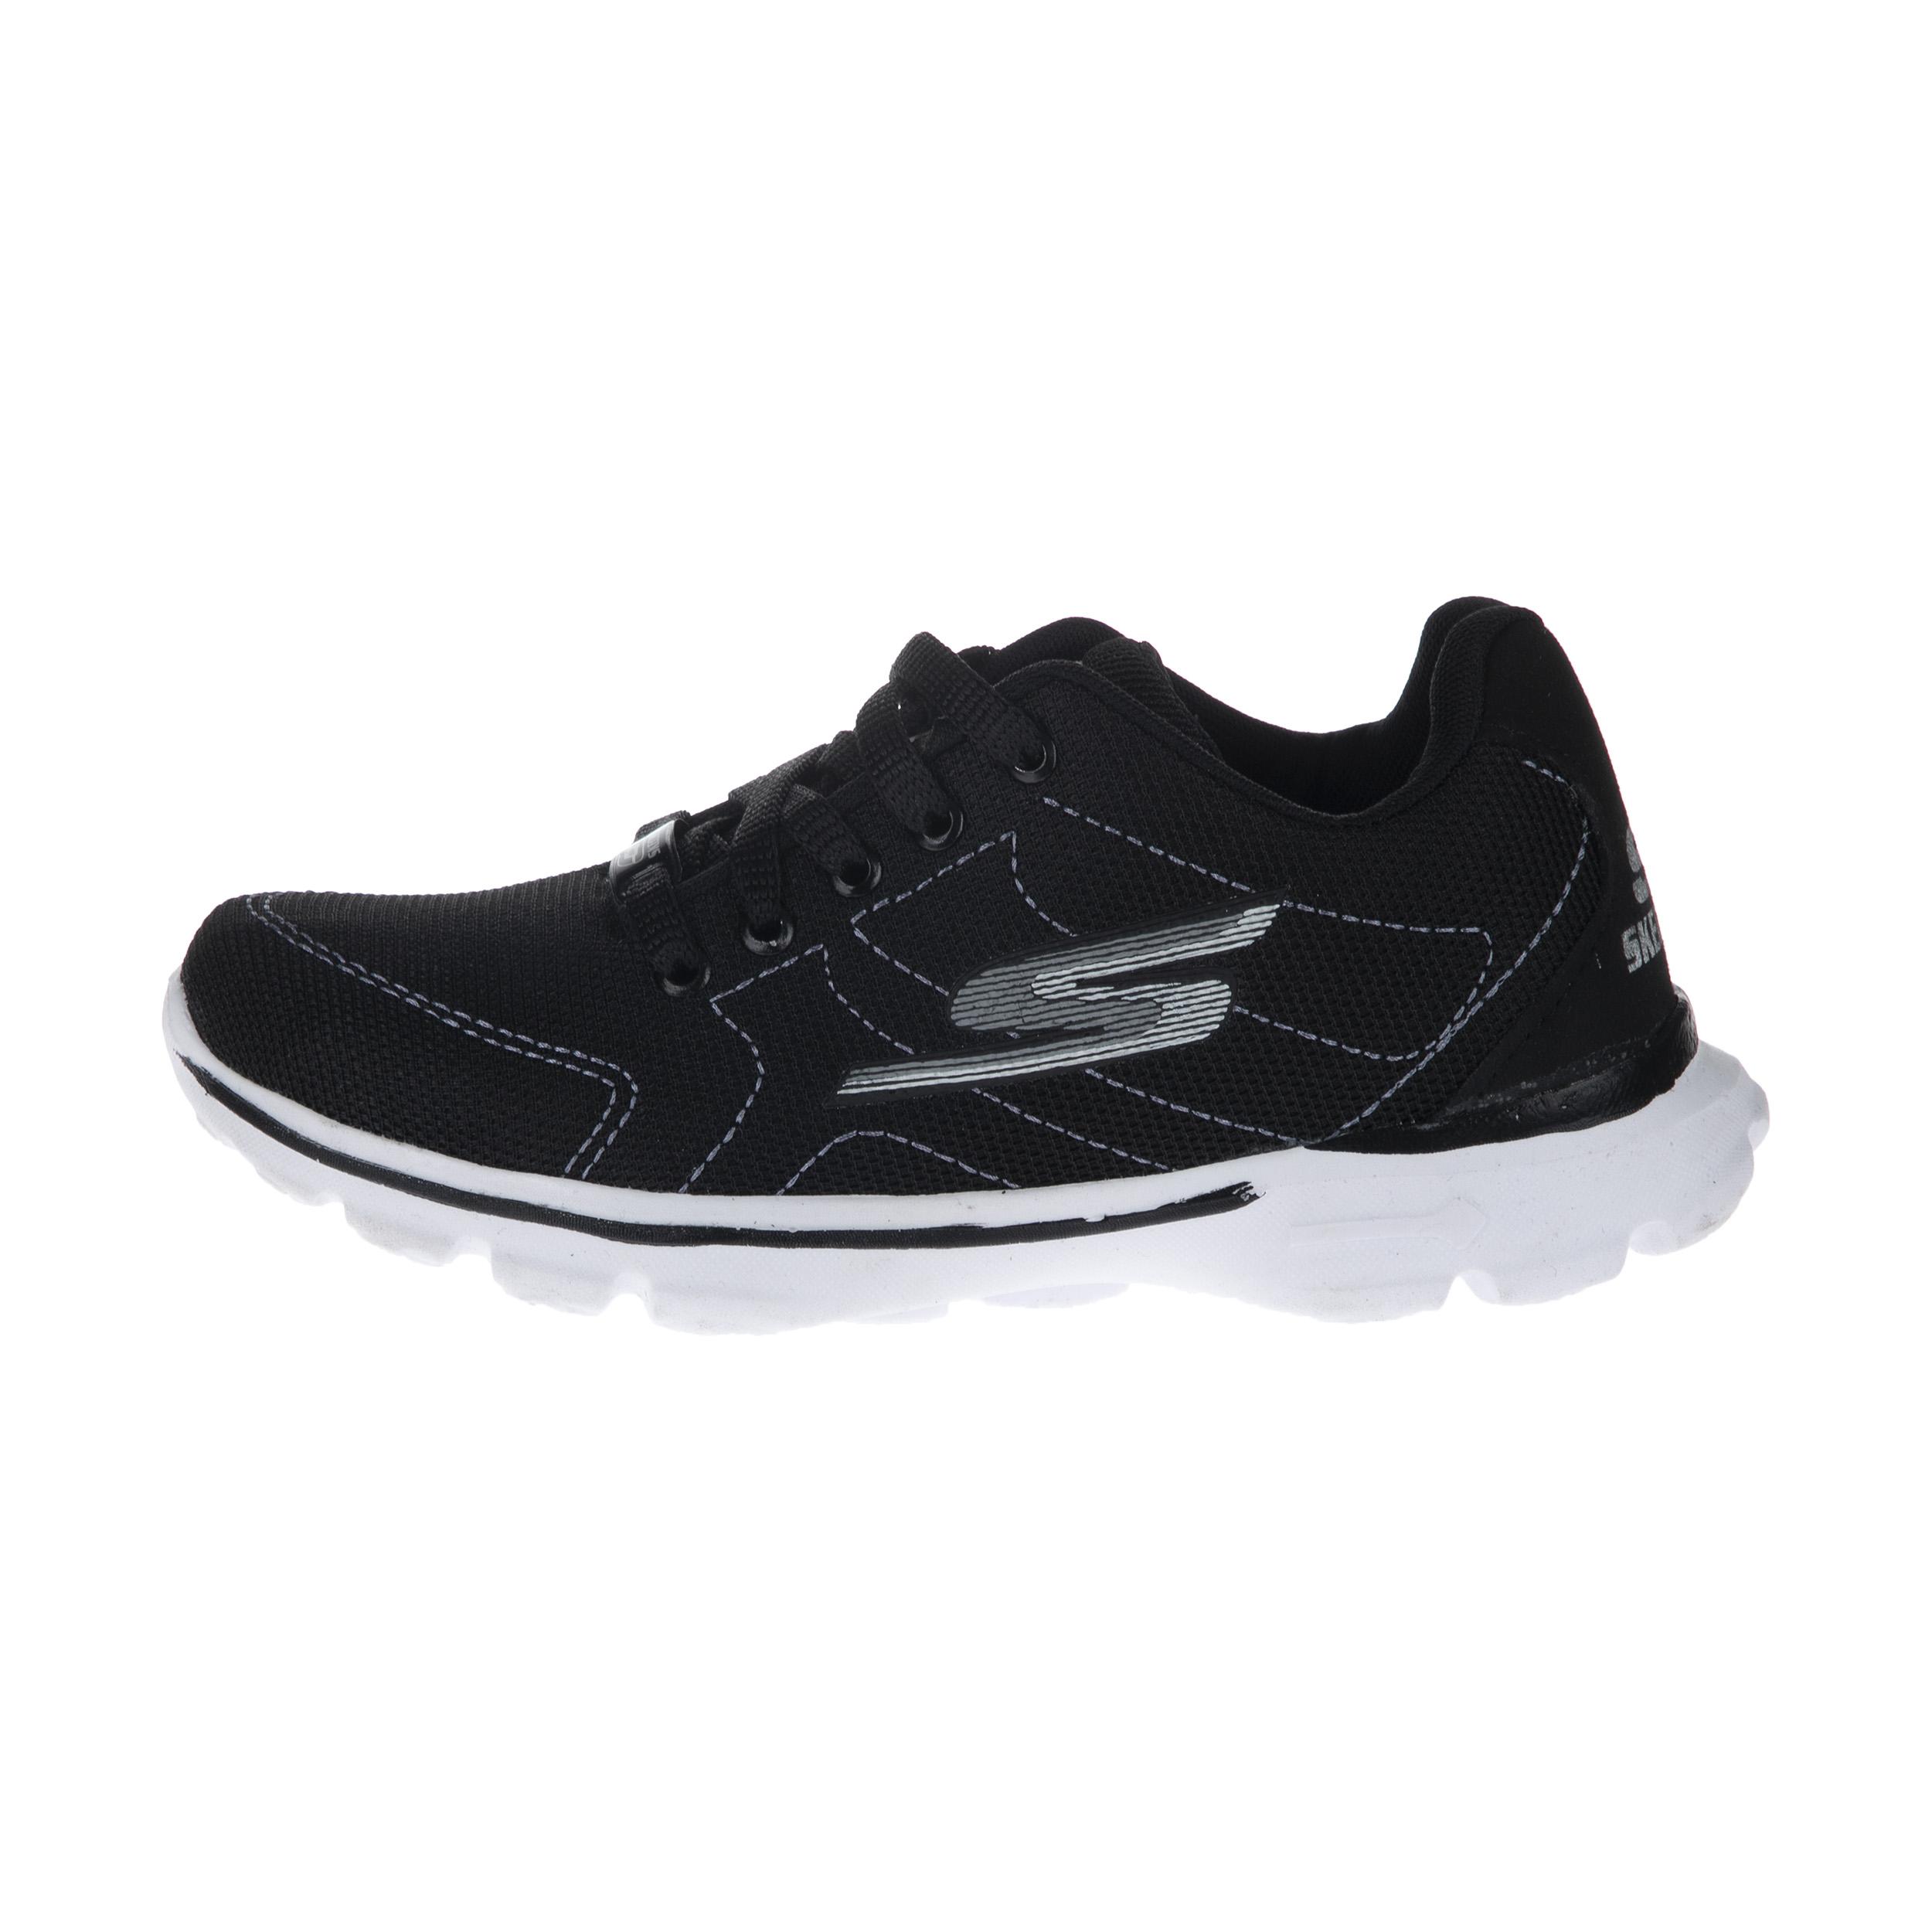 کفش مخصوص پیاده روی زنانه کد 348000102